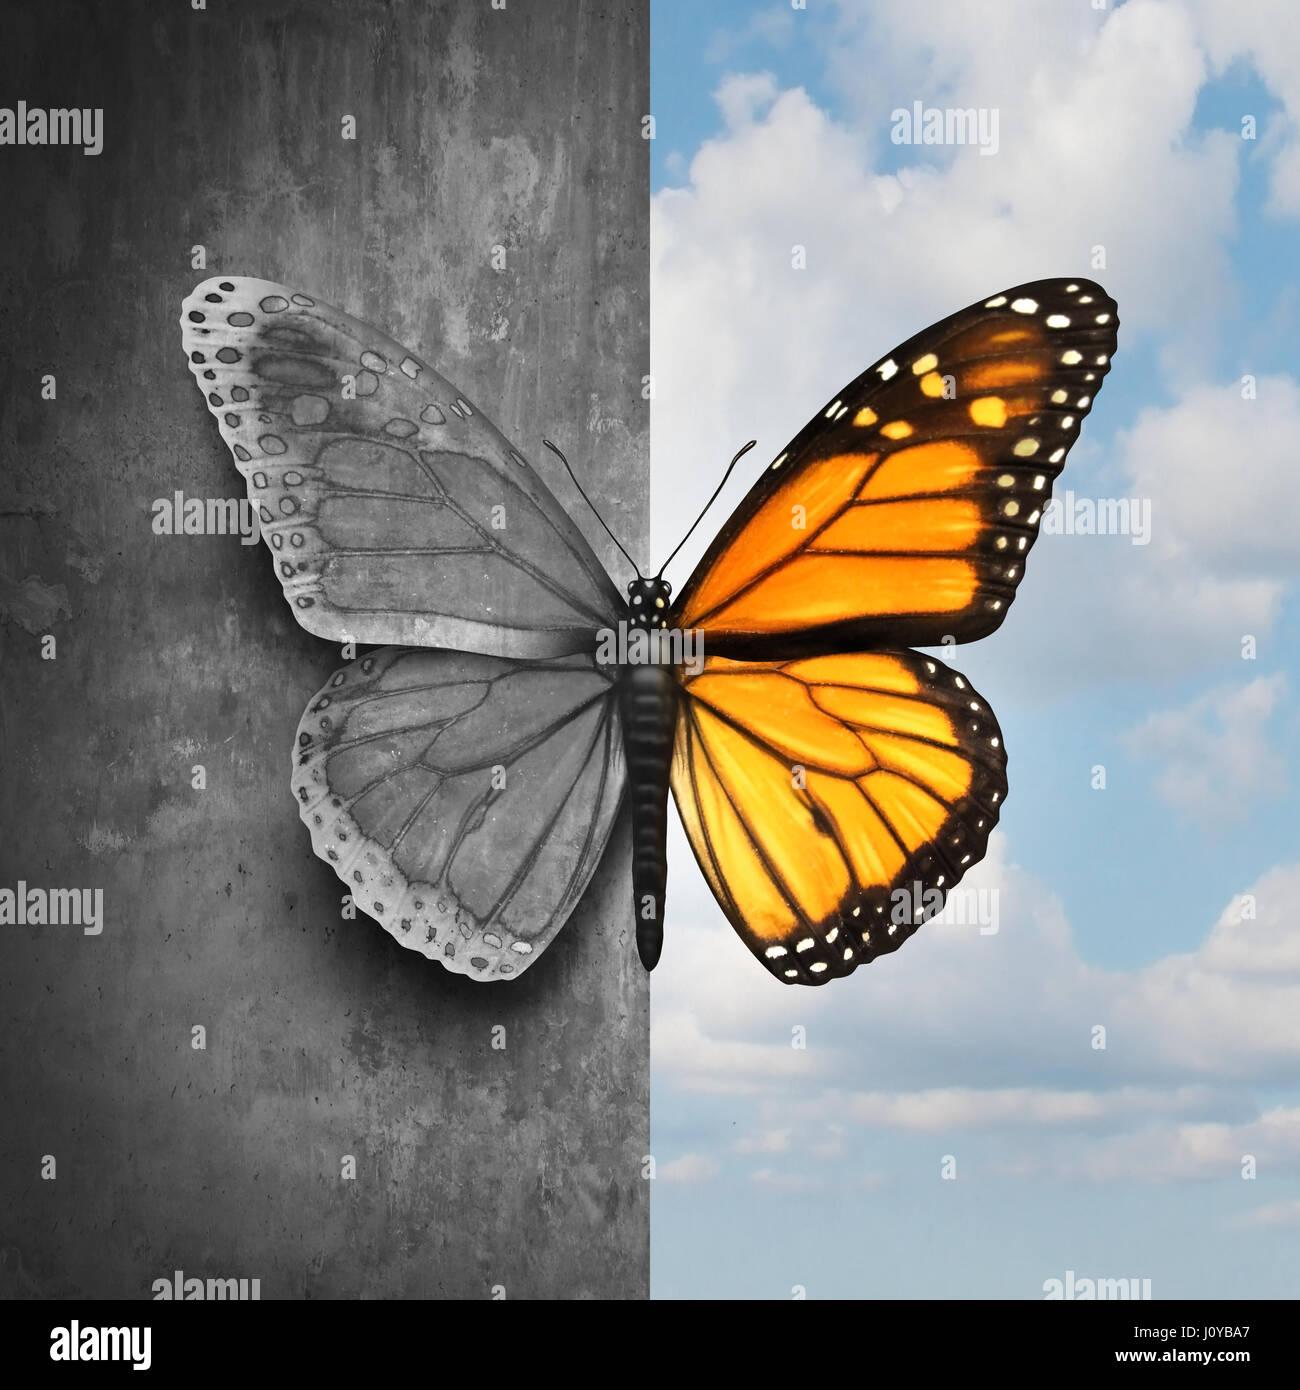 Bipolar trastorno mental abstracto concepto enfermedad psicológica como una mariposa dividida como uno de los Imagen De Stock